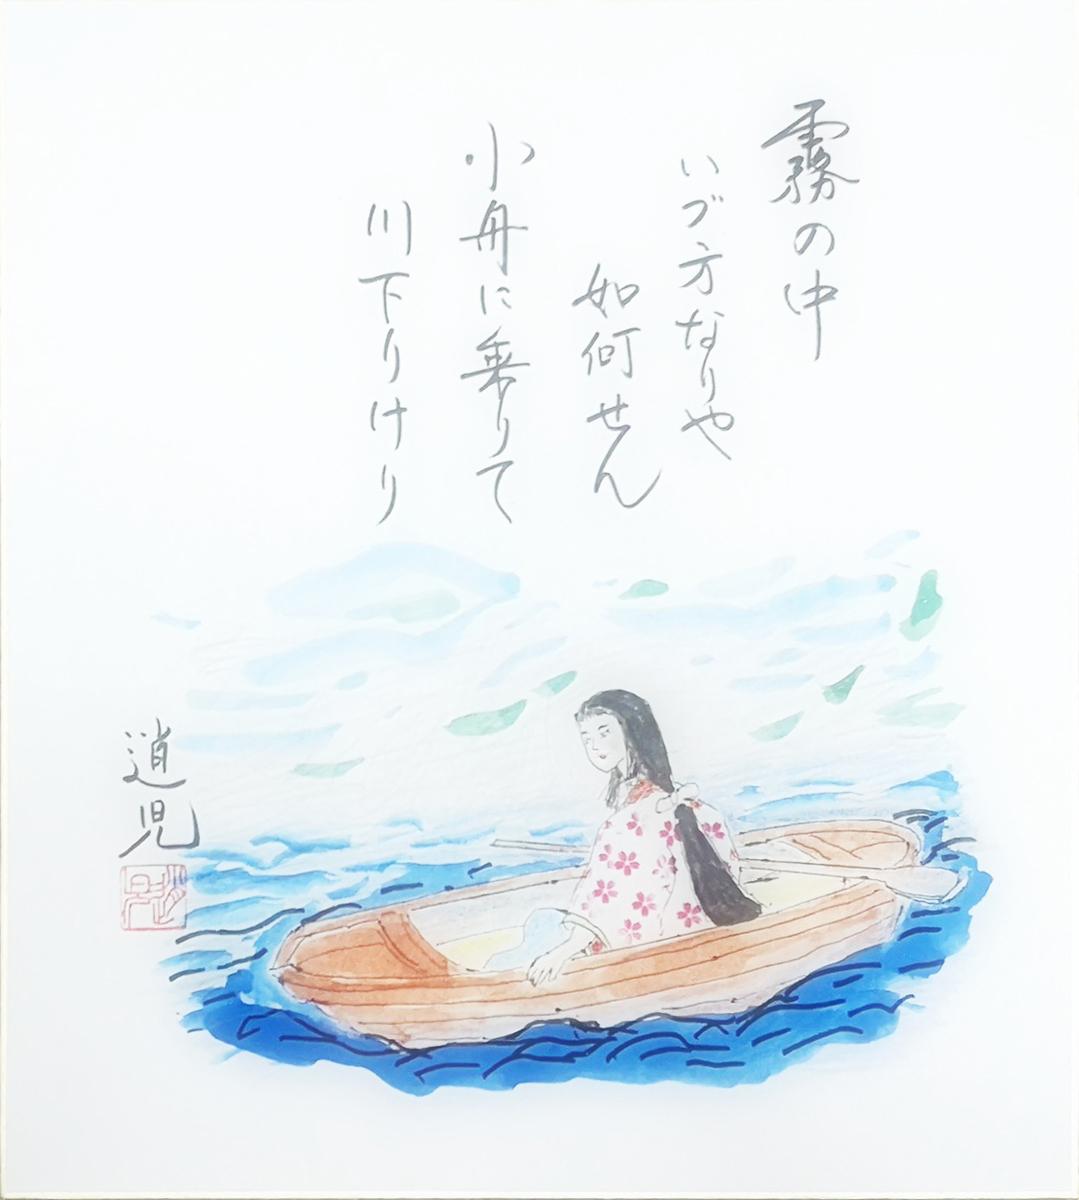 f:id:showjiyoshida:20200525154458j:plain